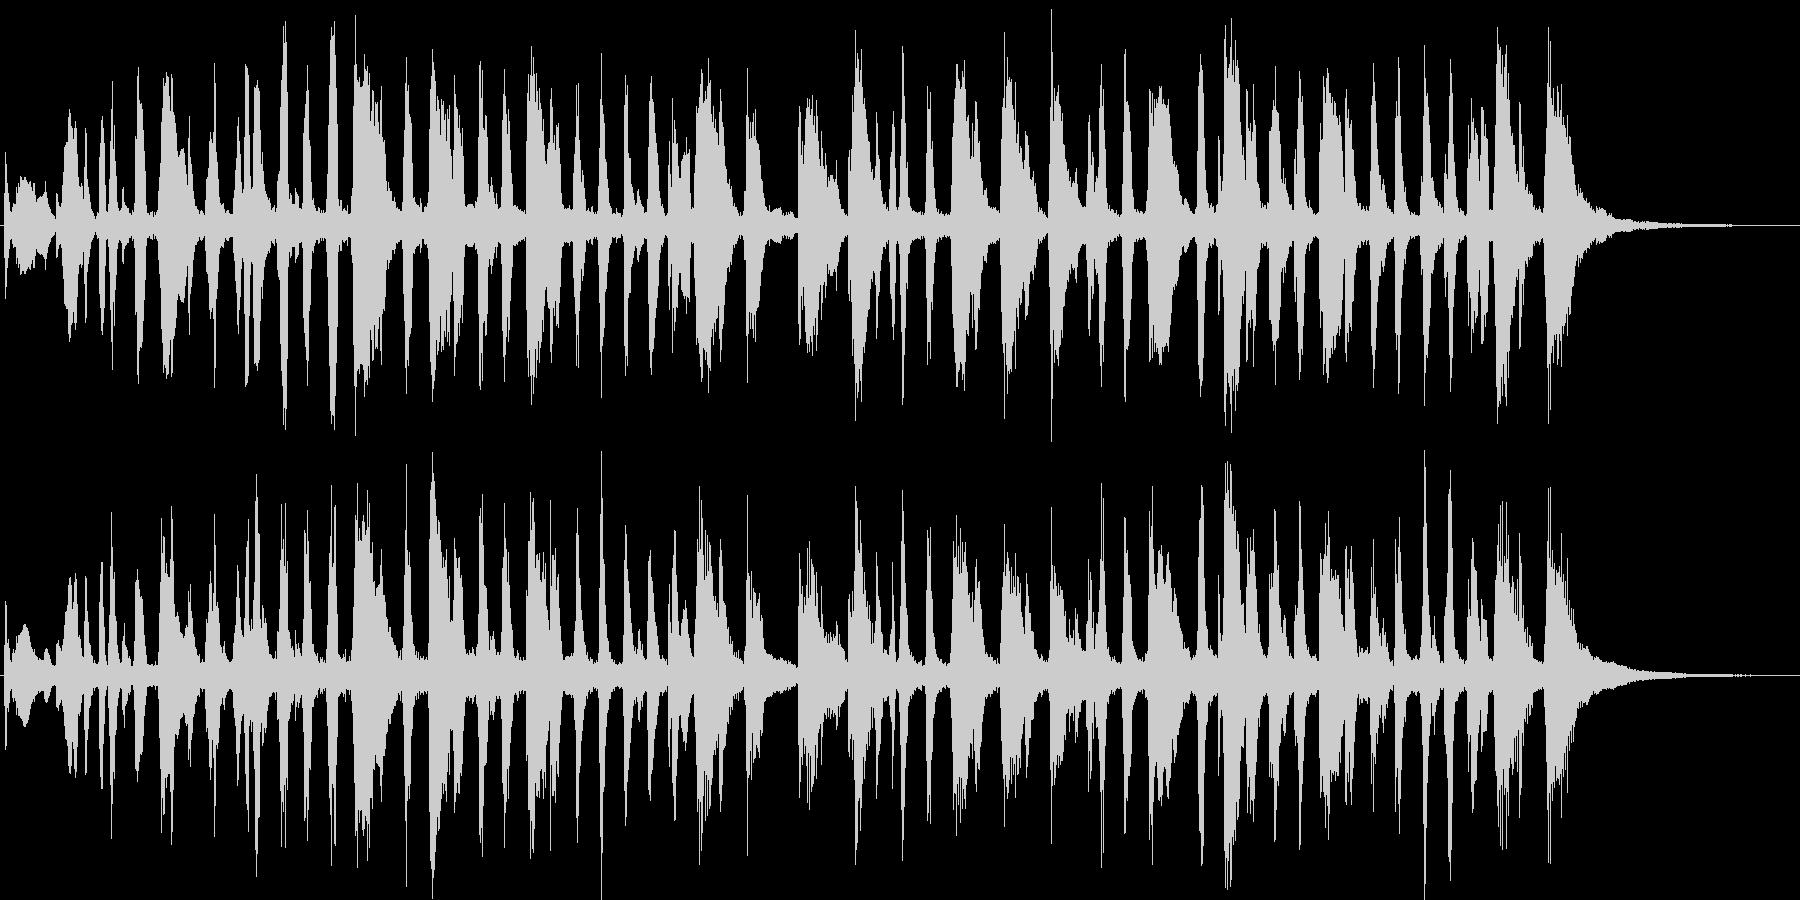 ブラス+打楽器=ファンファーレで整列の未再生の波形